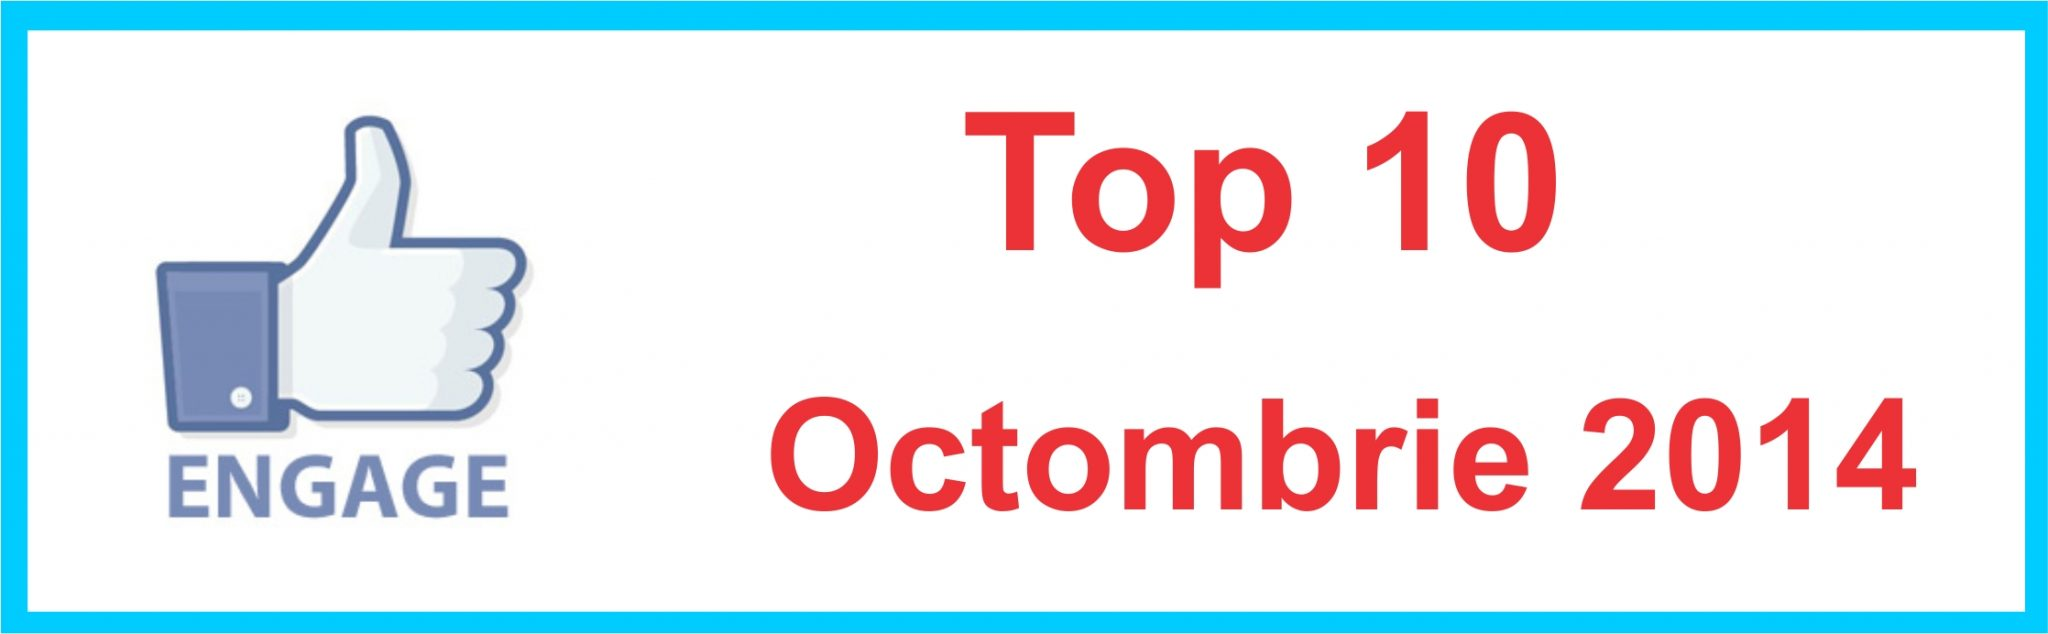 Top 10 nou